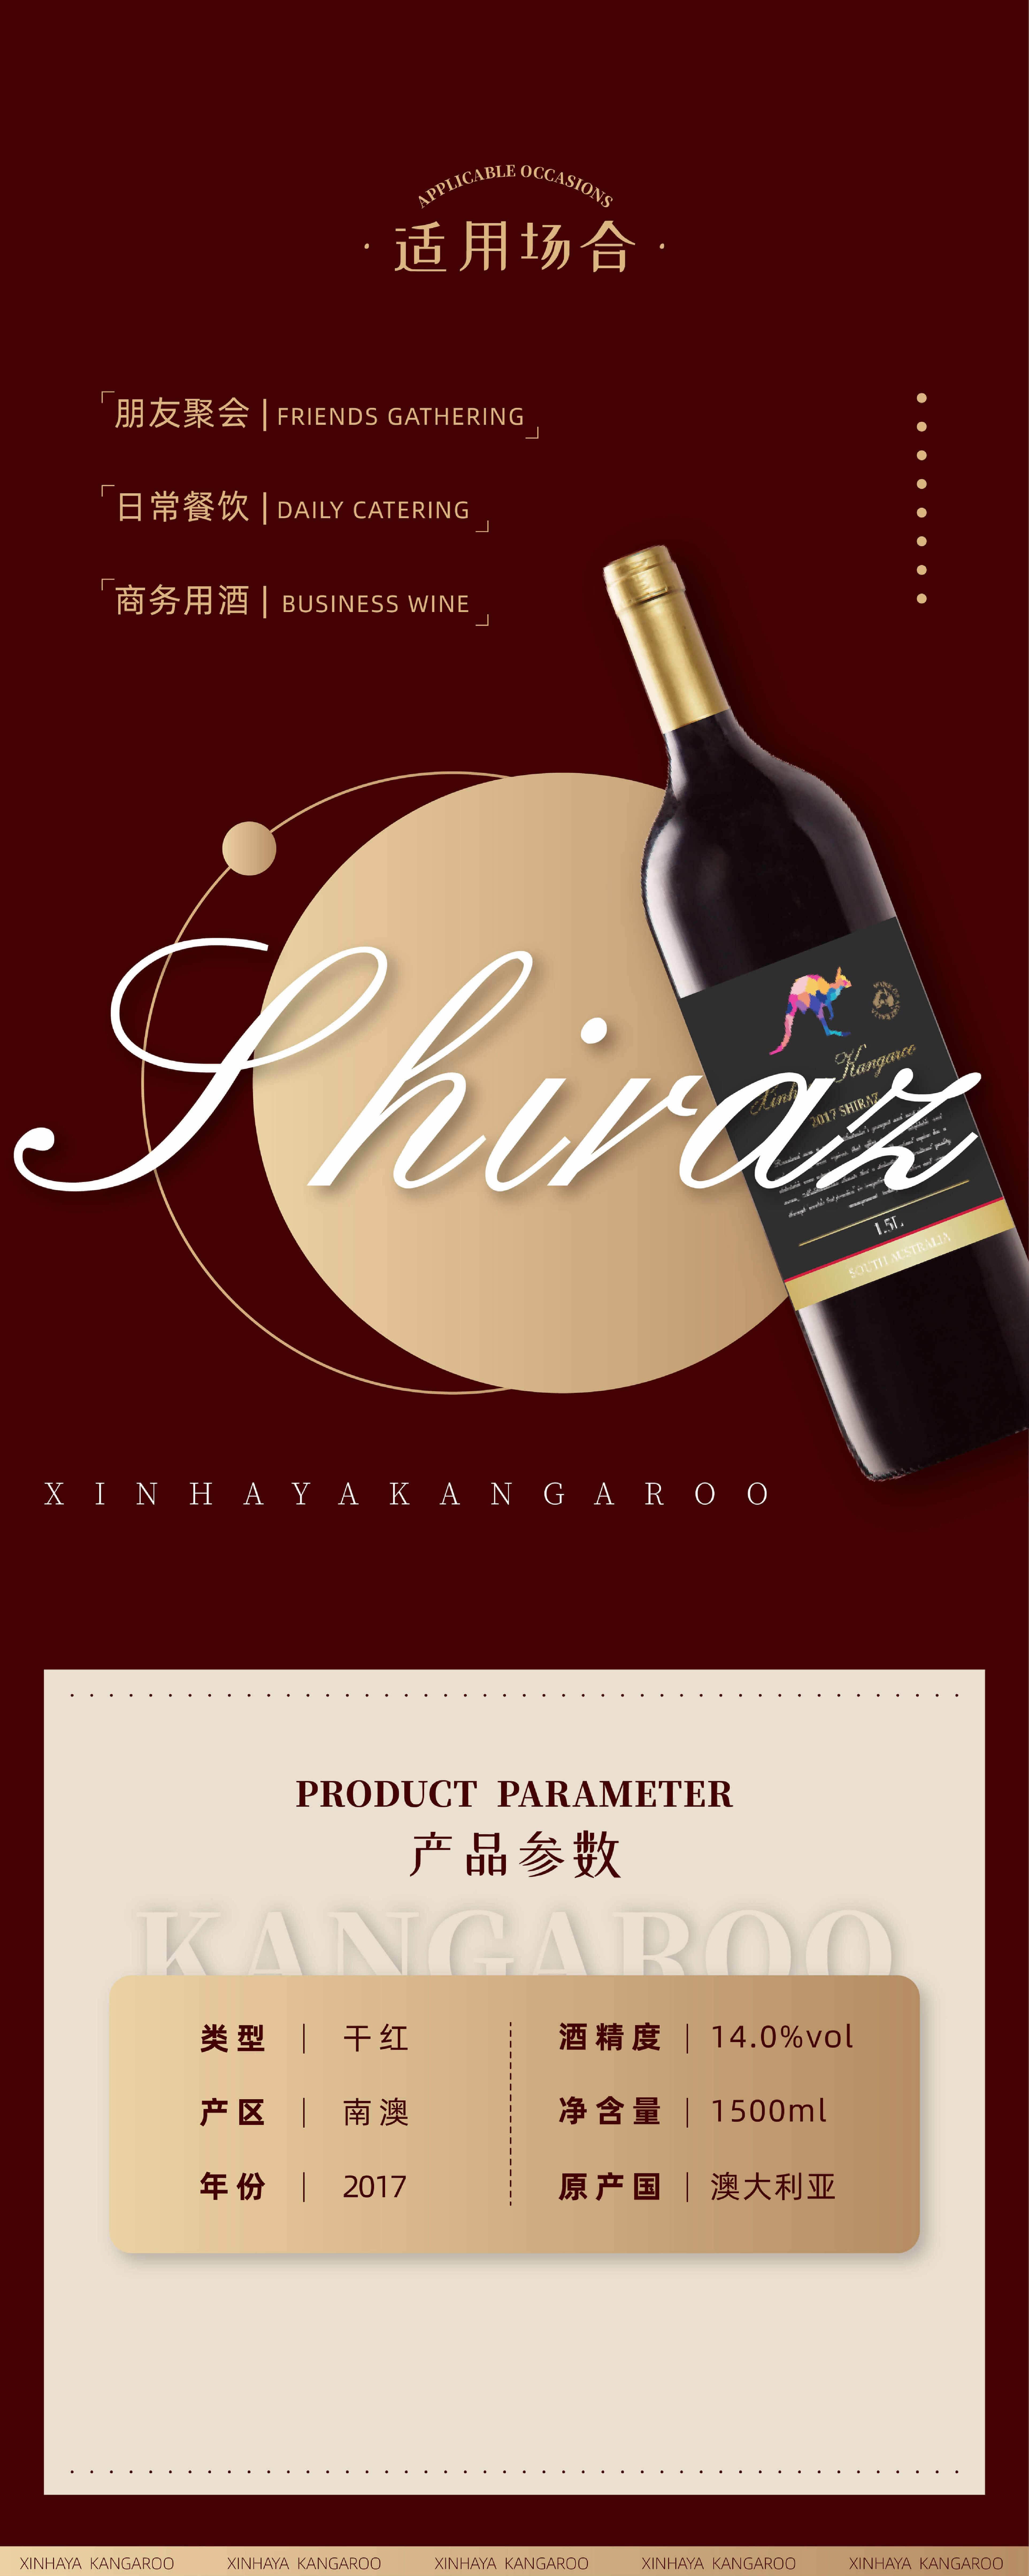 1.5L西拉红葡萄酒